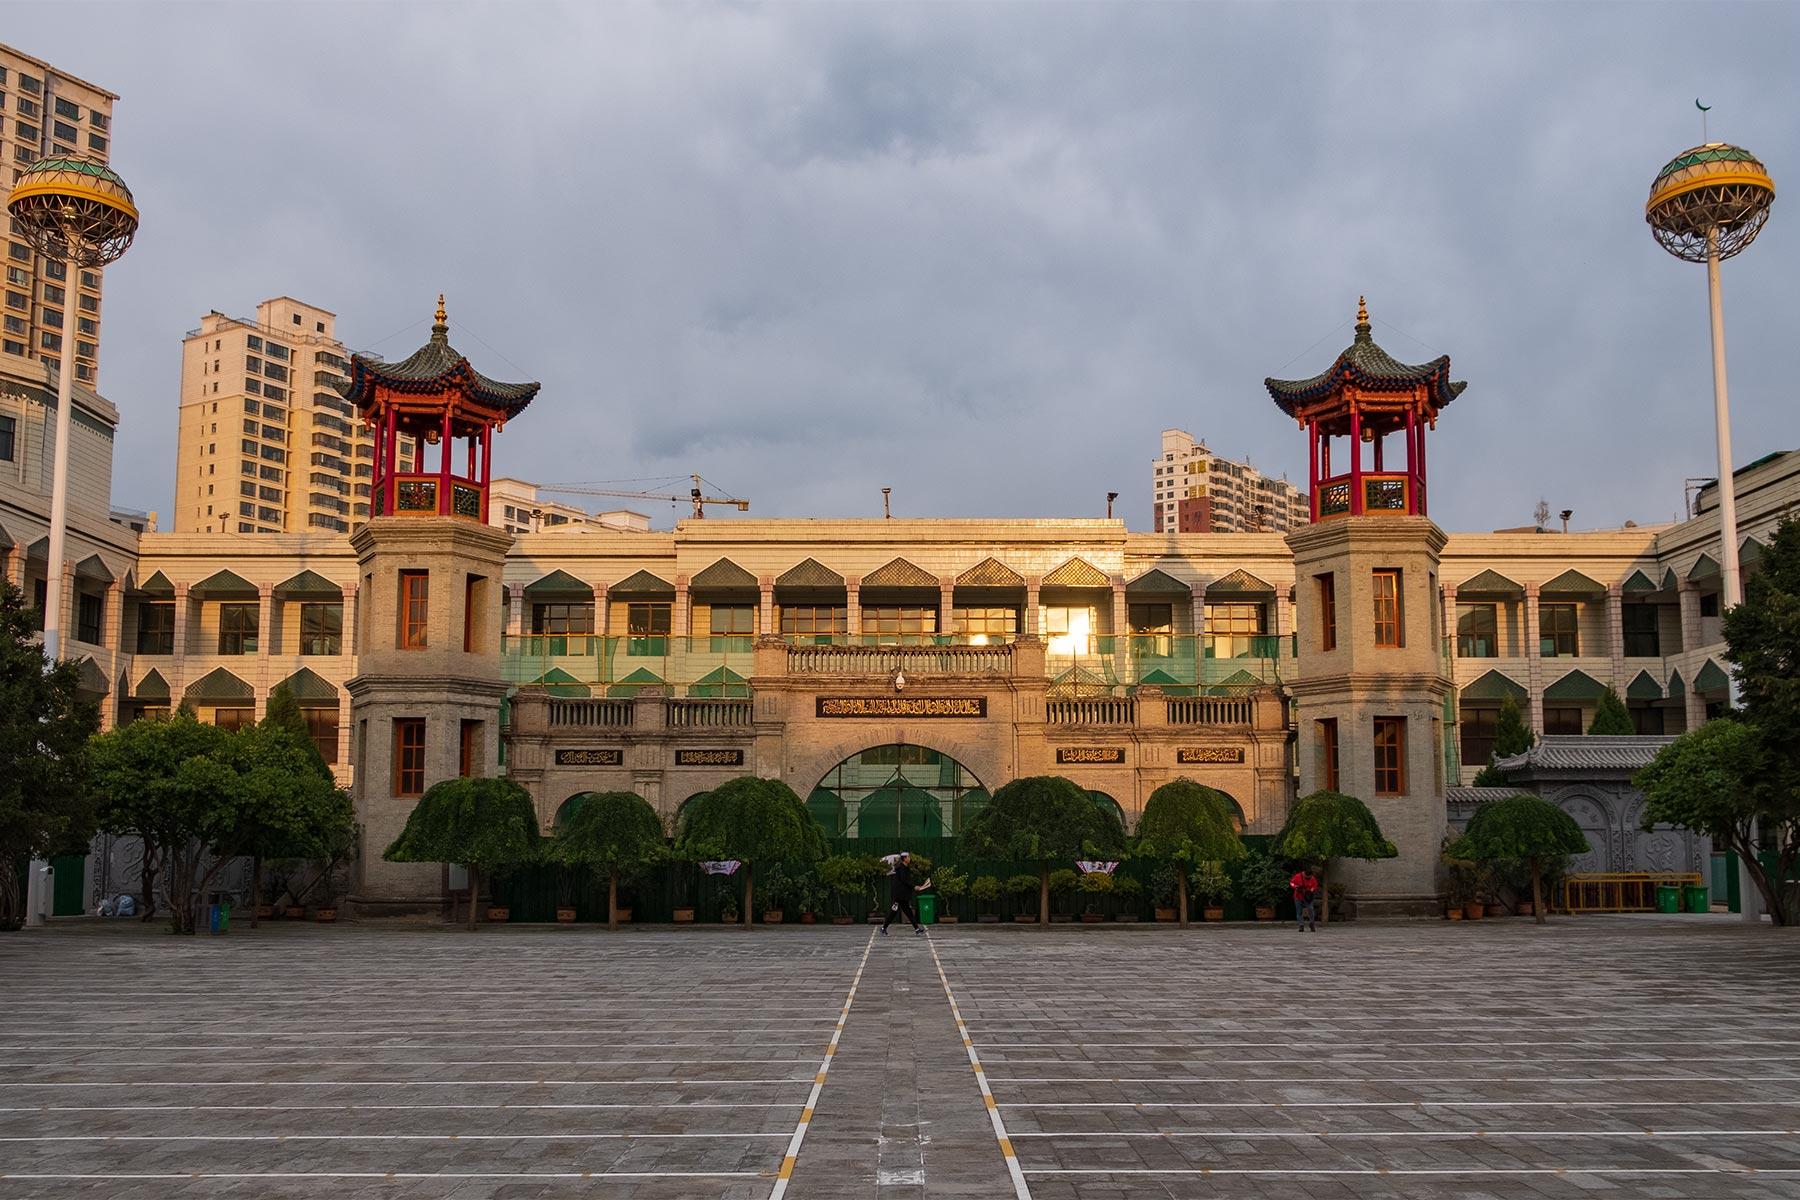 Dongguan Moschee in Xining